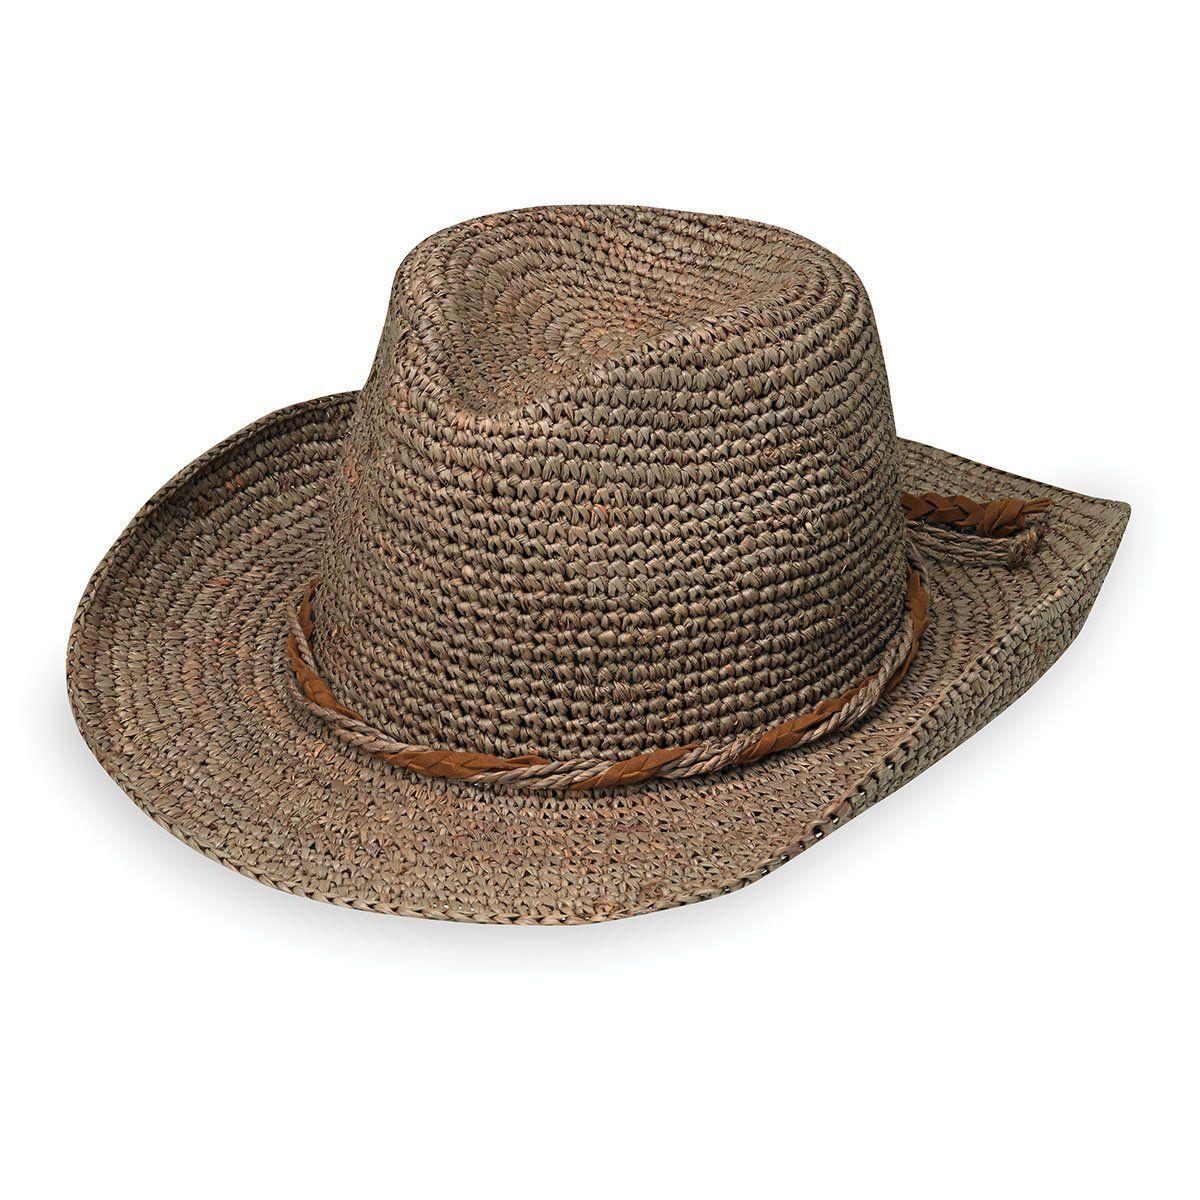 Hailey Modern Cowboy Cowgirl Hats Cowboy Hat Styles